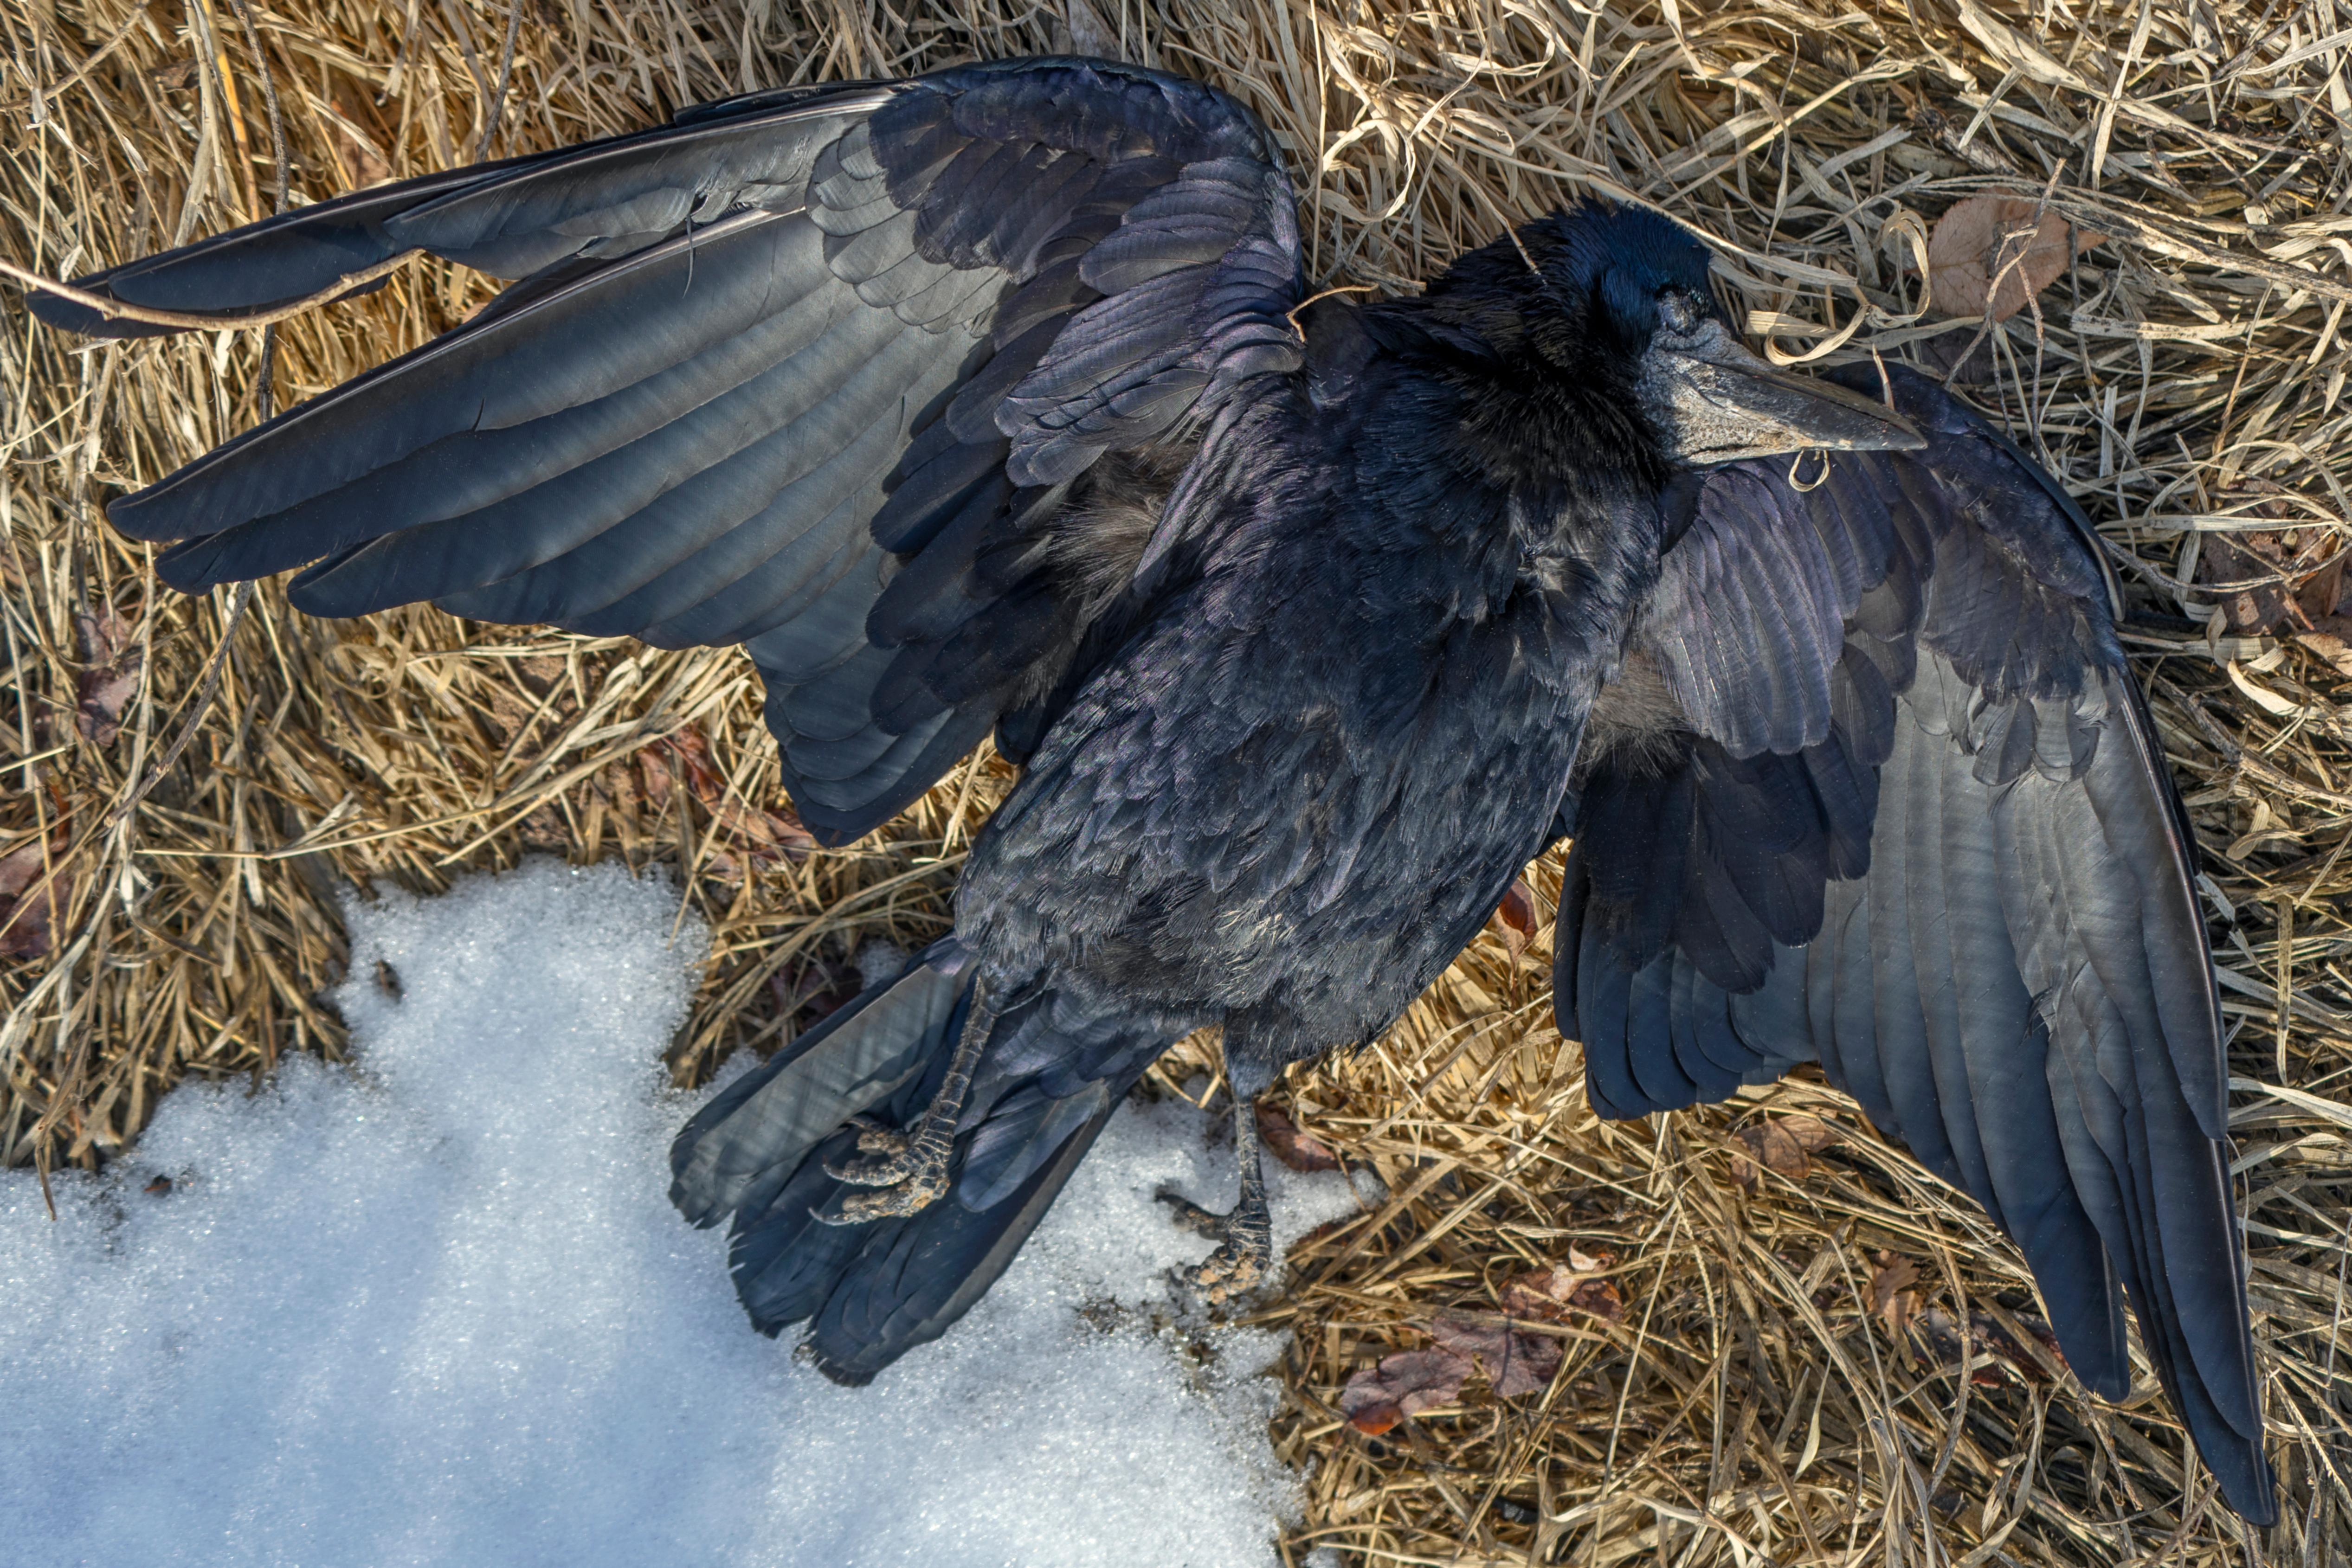 """Sute de corbi au căzut din cer, într-o localitate din Rusia. Oamenii vorbesc de scene """"apocaliptice"""""""